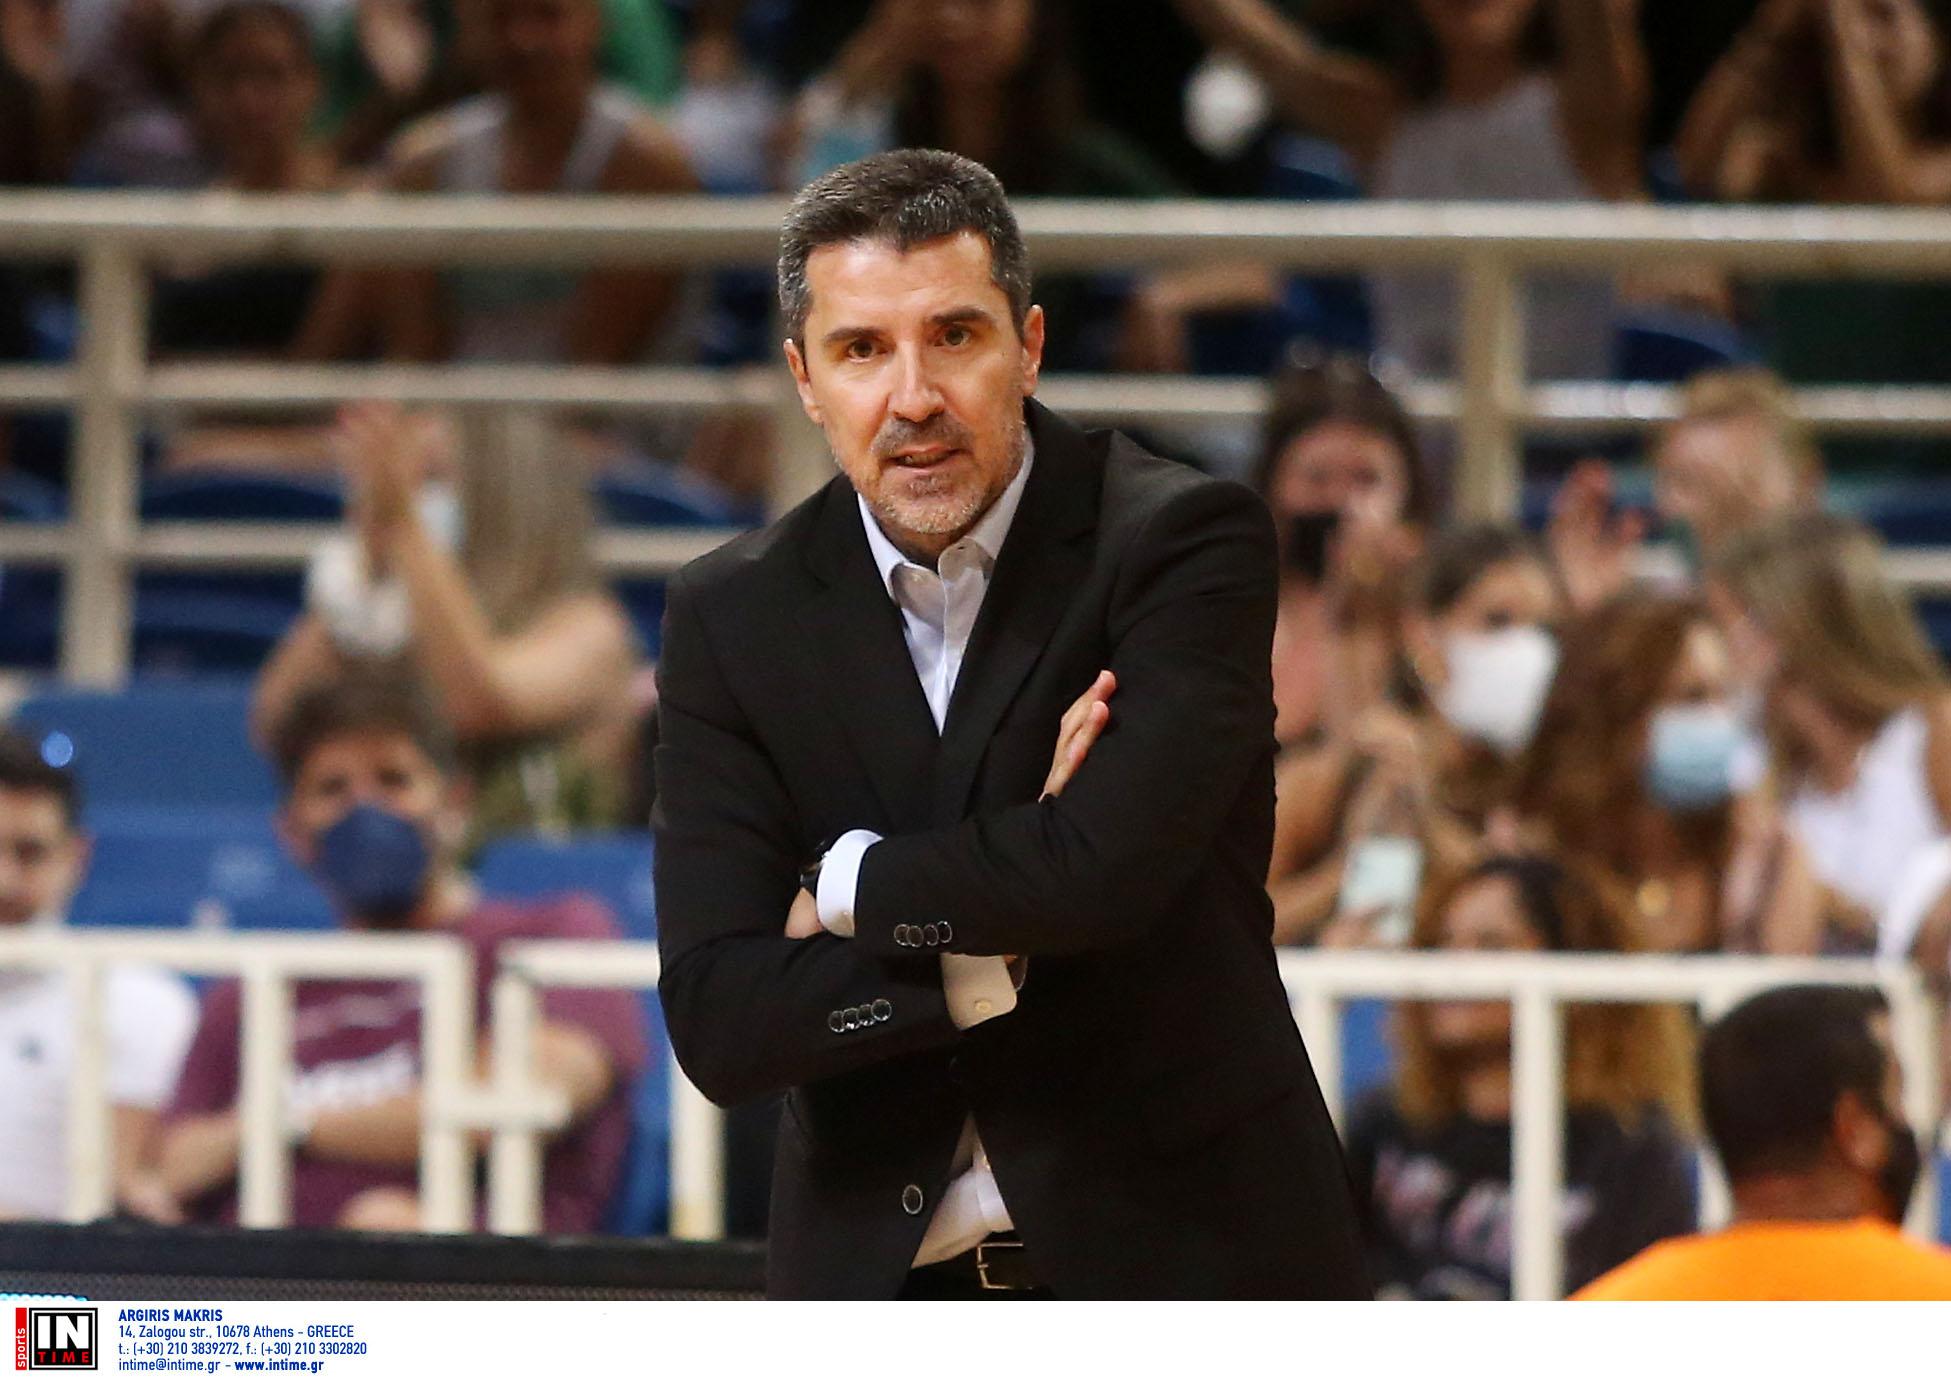 Παναθηναϊκός: Ο Δημήτρης Πρίφτης ανέλυσε τα «σημεία κλειδιά» ενόψει Ρεάλ Μαδρίτης